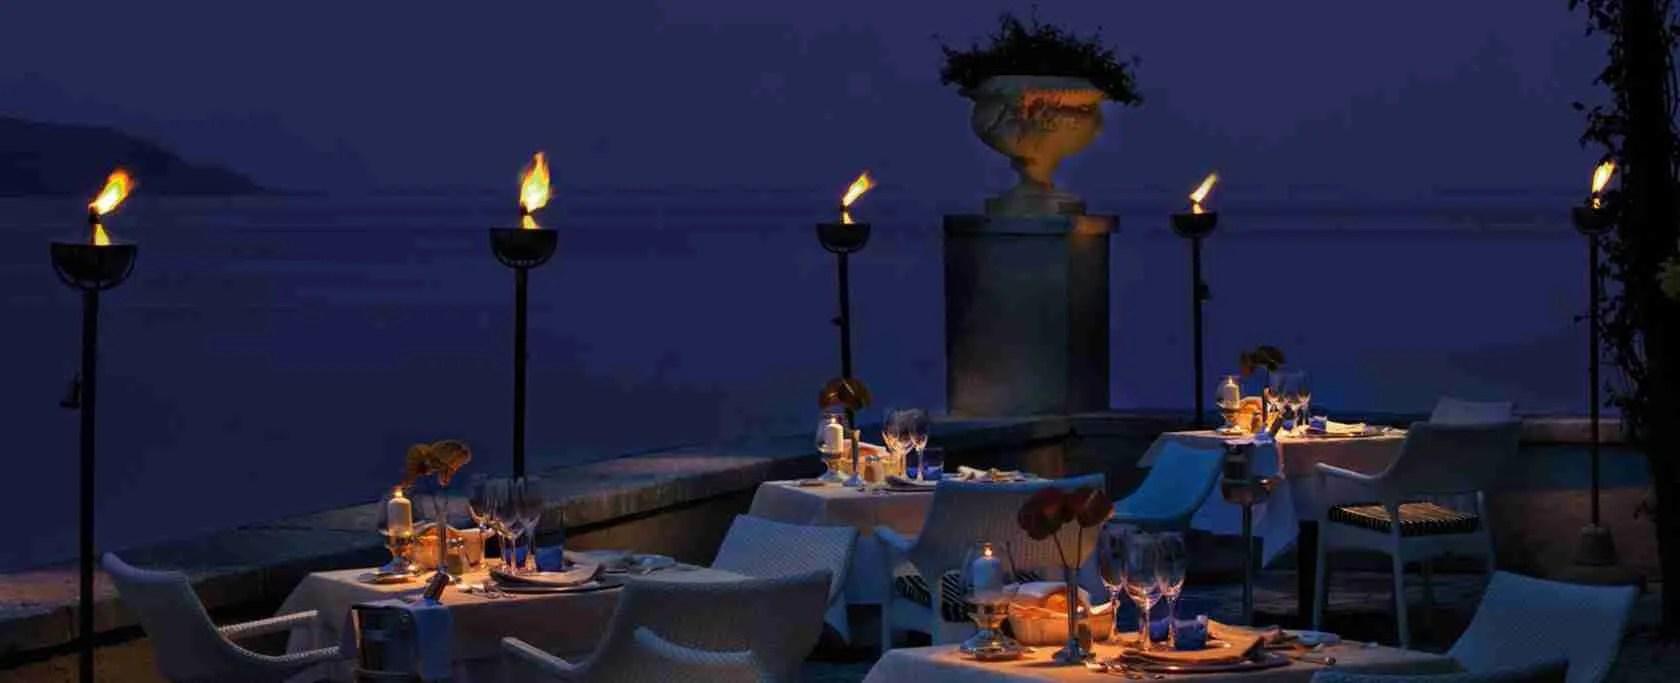 I tanti ristoranti di Brescia o sul Lago di Garda rappresentano il luogo perfetto per una cena romantica a lume di candela.